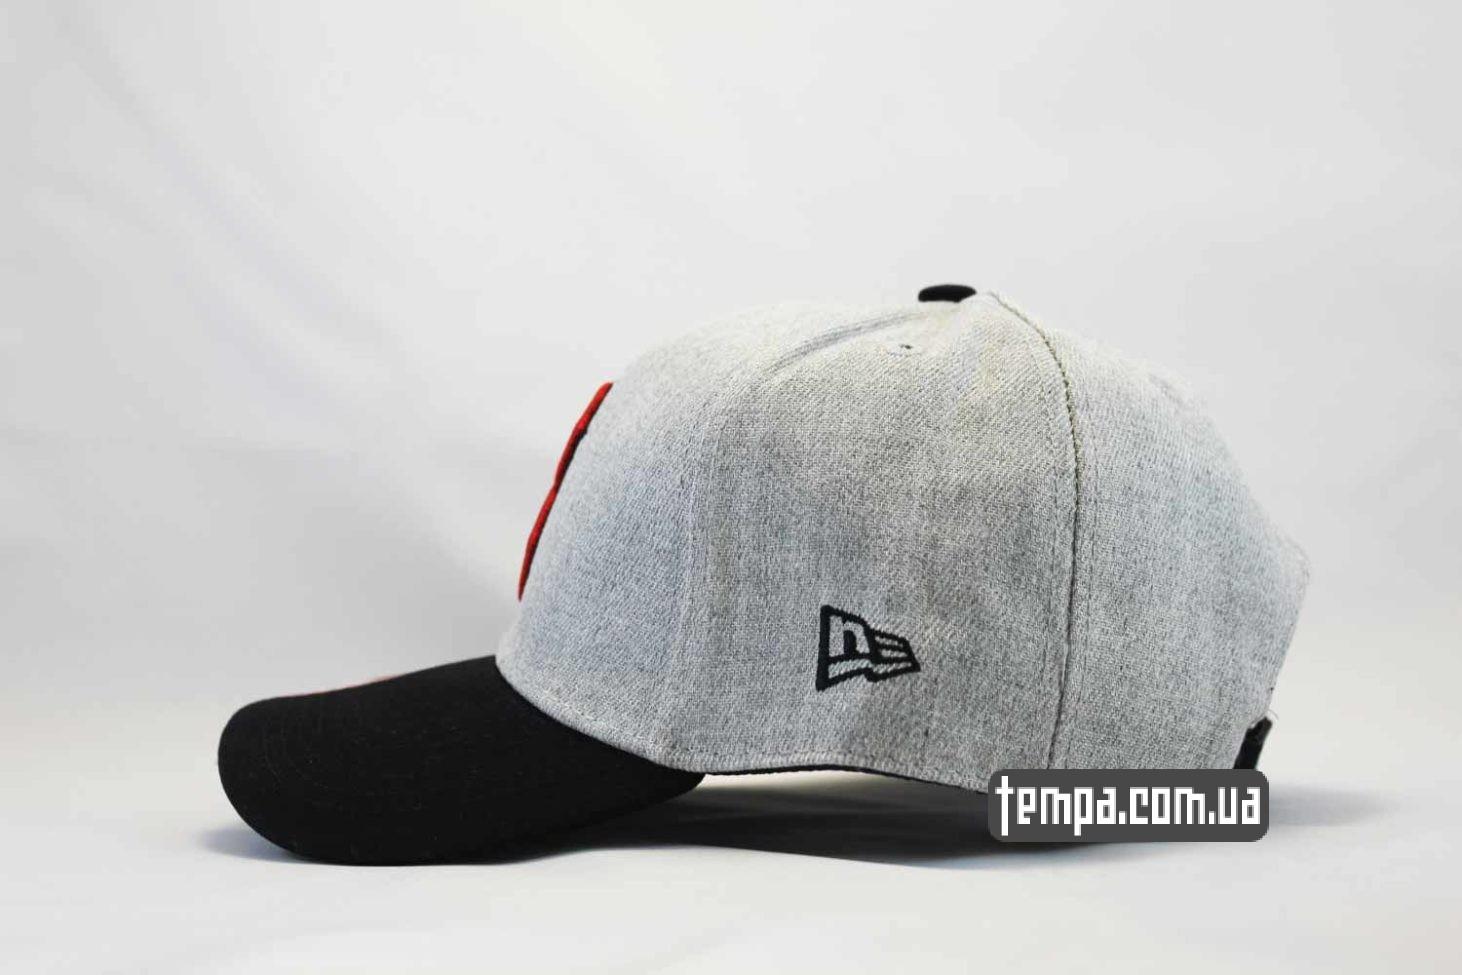 бейсбольная кепка кепка бейсболка BOSTON red sox New Era Snapback серая